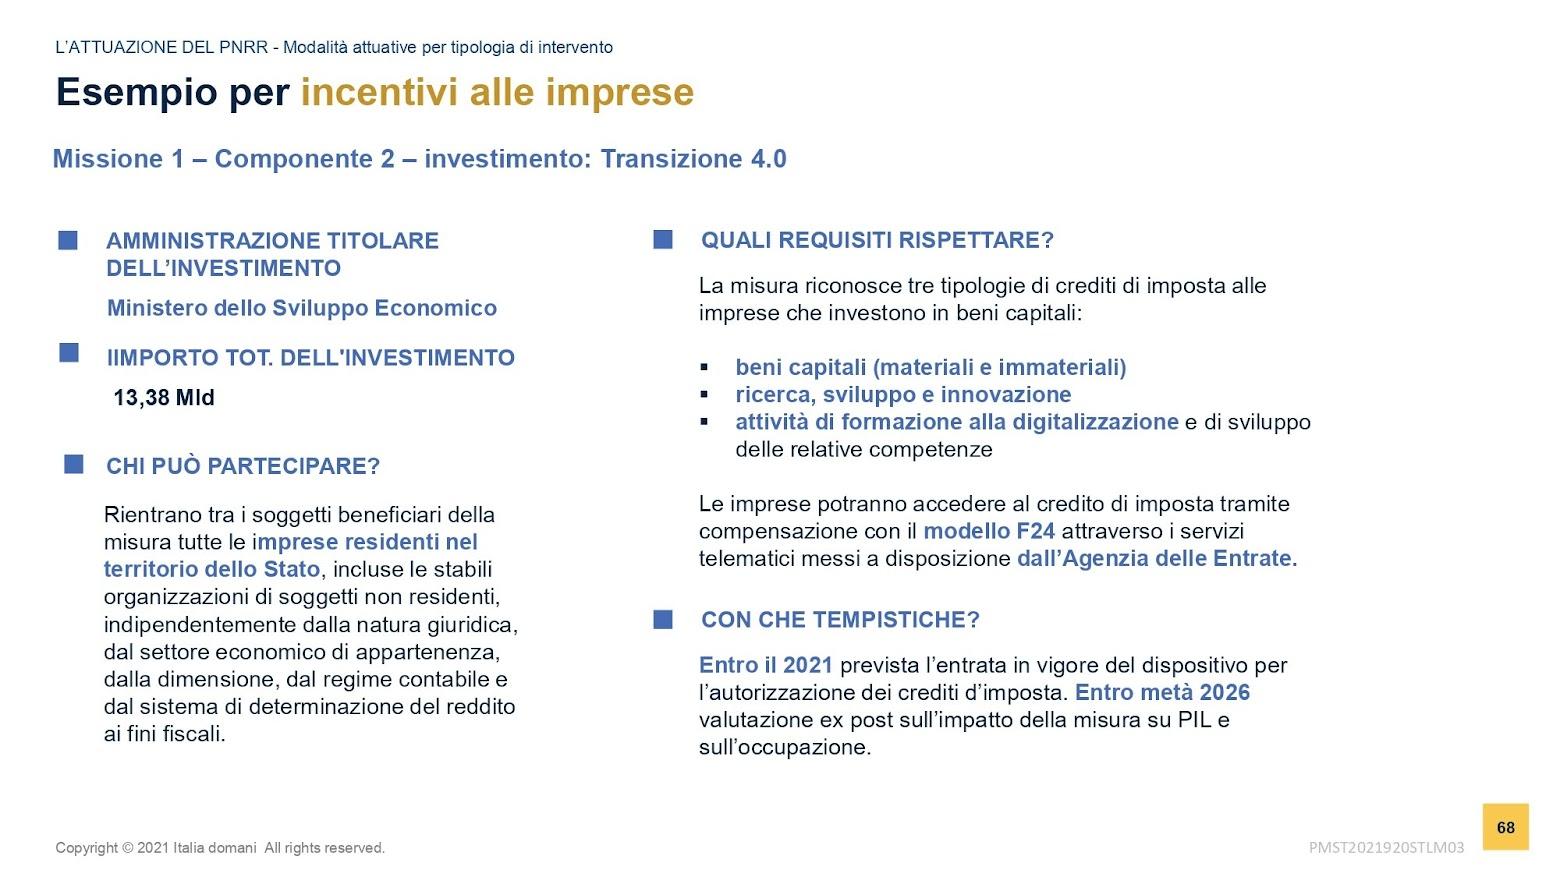 Incentivi imprese - slide MEF